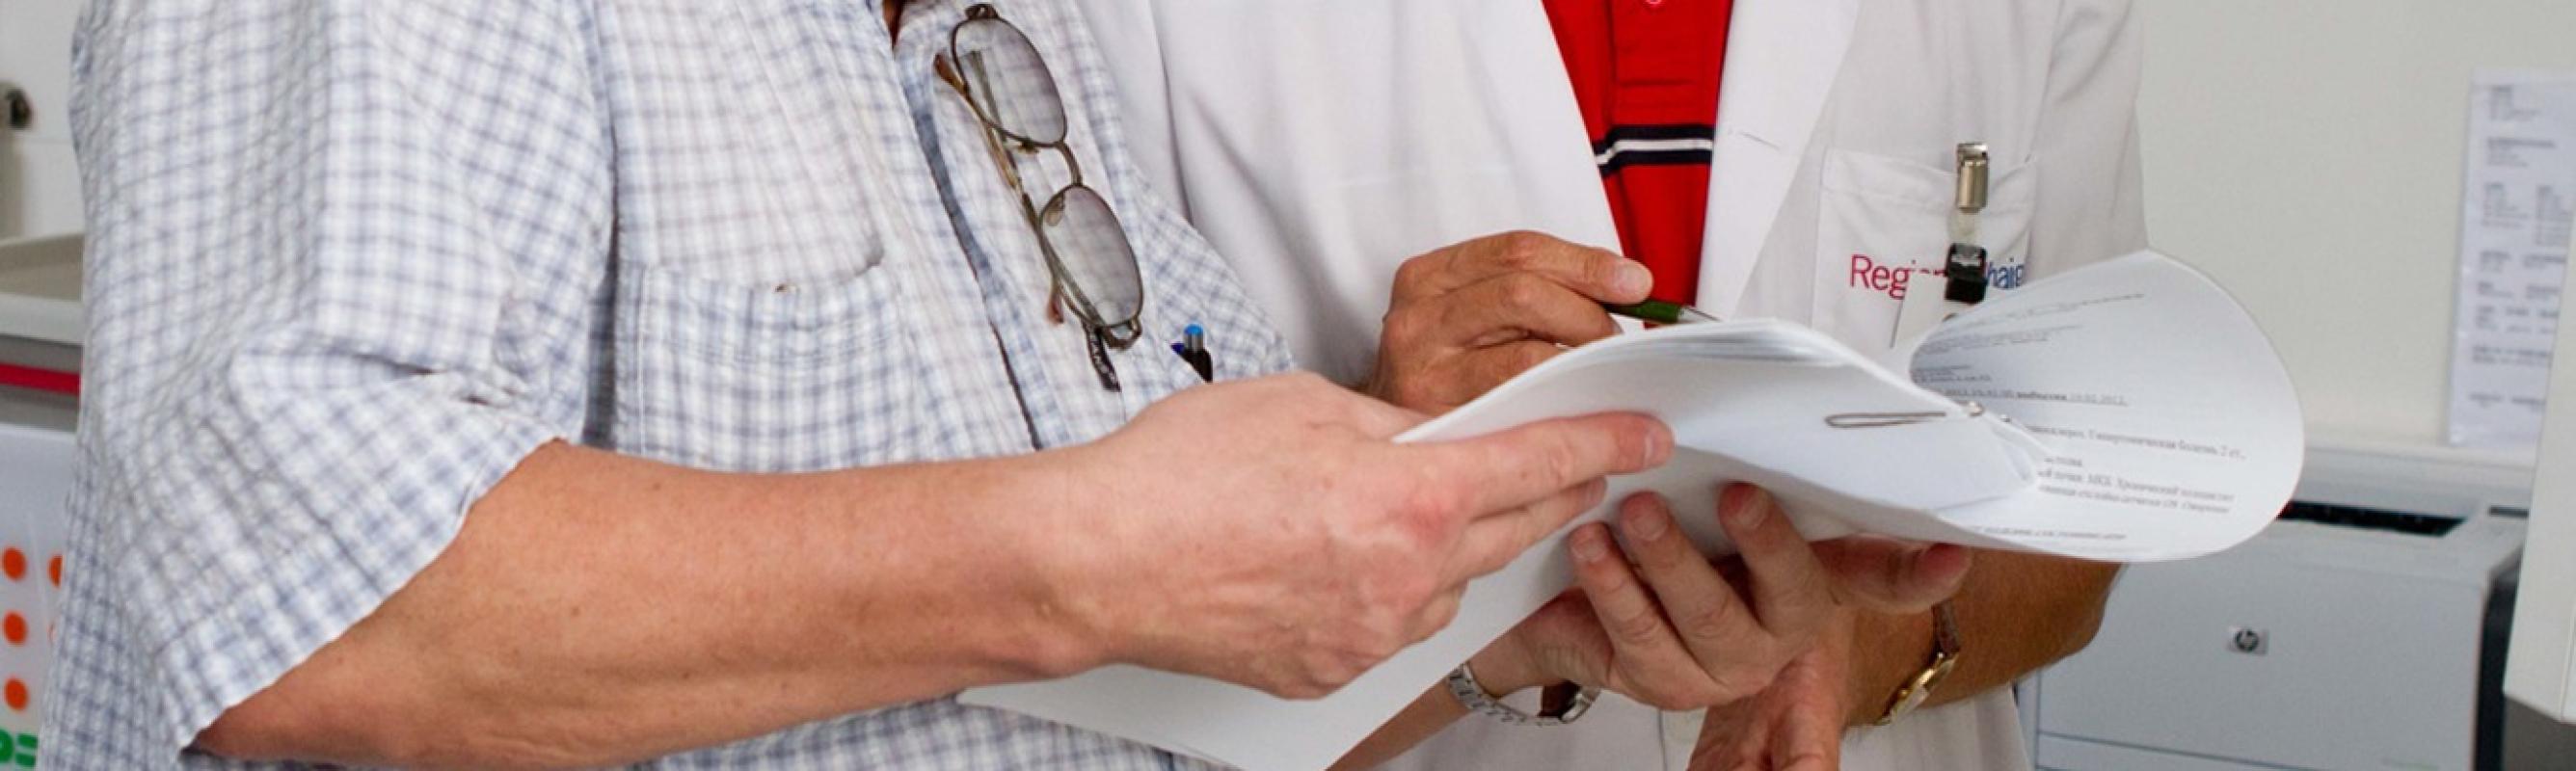 Мультидисциплинарный онкологический центр предлагает диагностику и лечение всех видов онкологических заболеваний.